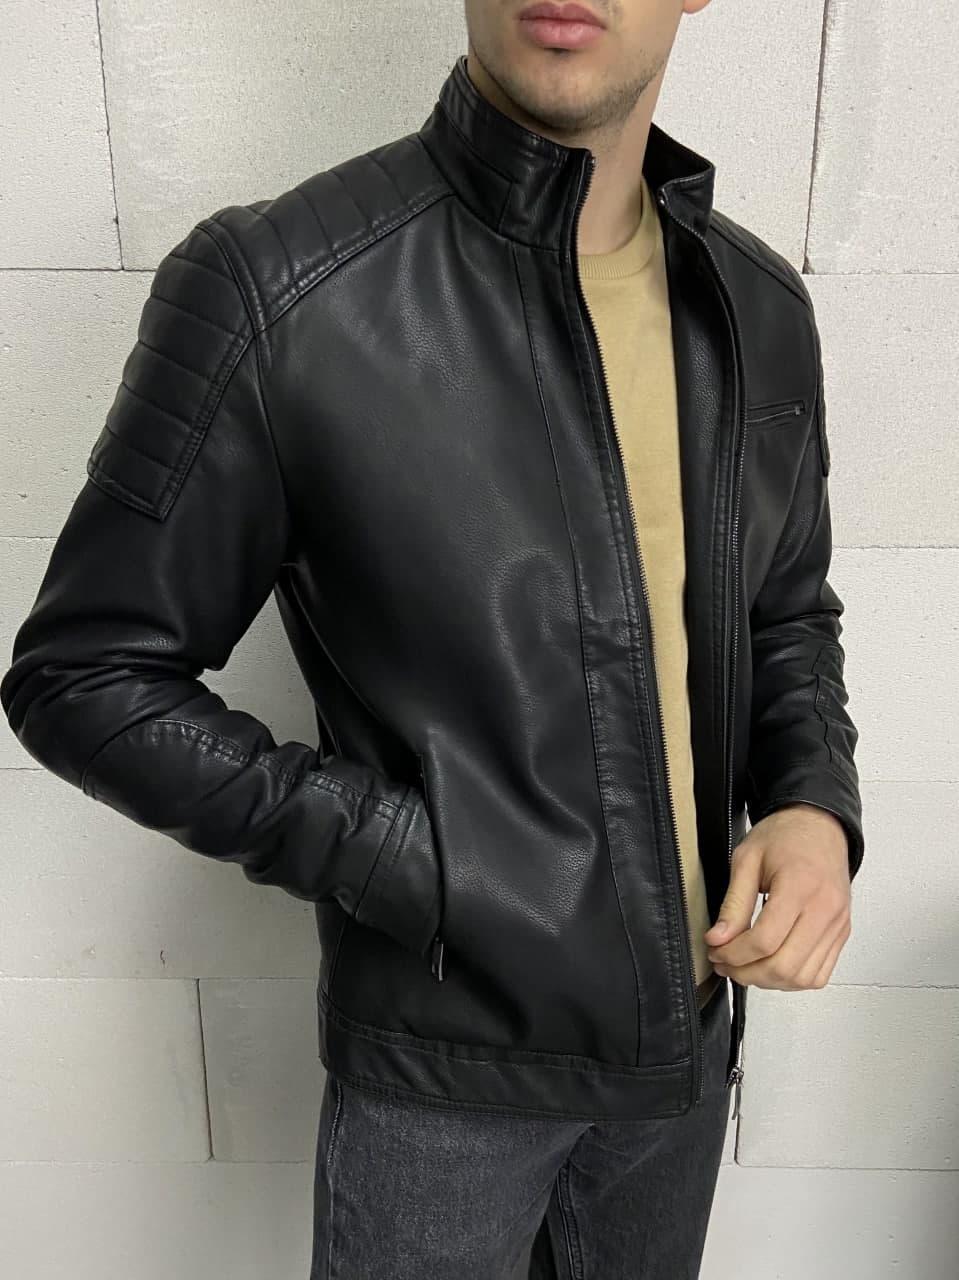 😜 Кожанка мужская черного цвета на осень / куртка шкірянка чоловіча чорна